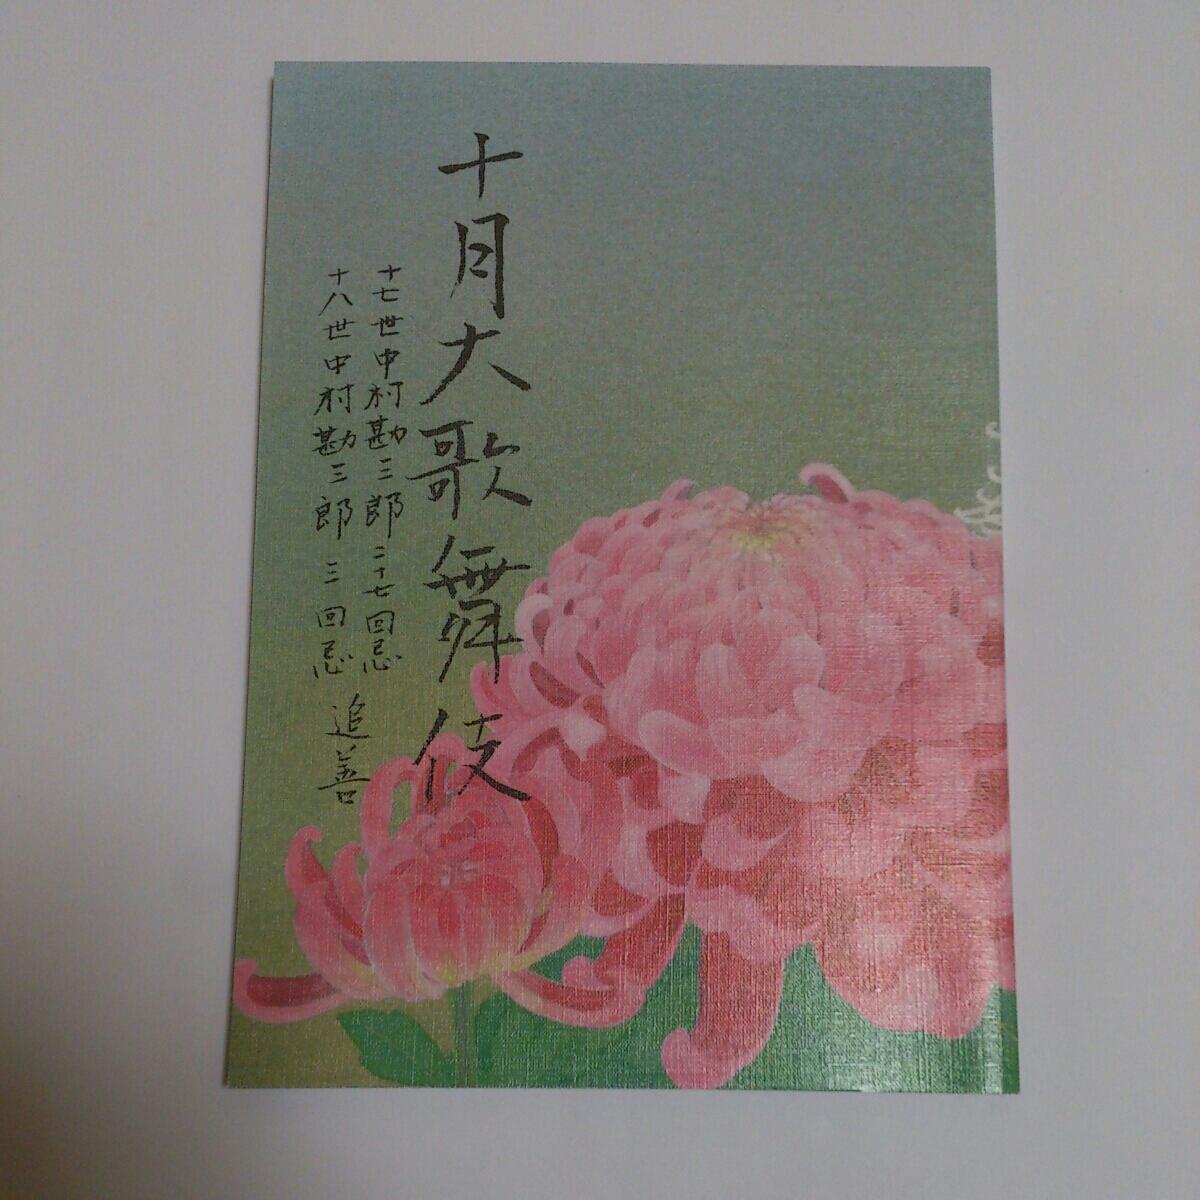 十月大歌舞伎(18世中村勘三郎 三回忌追善公演) 筋書き・パンフレット